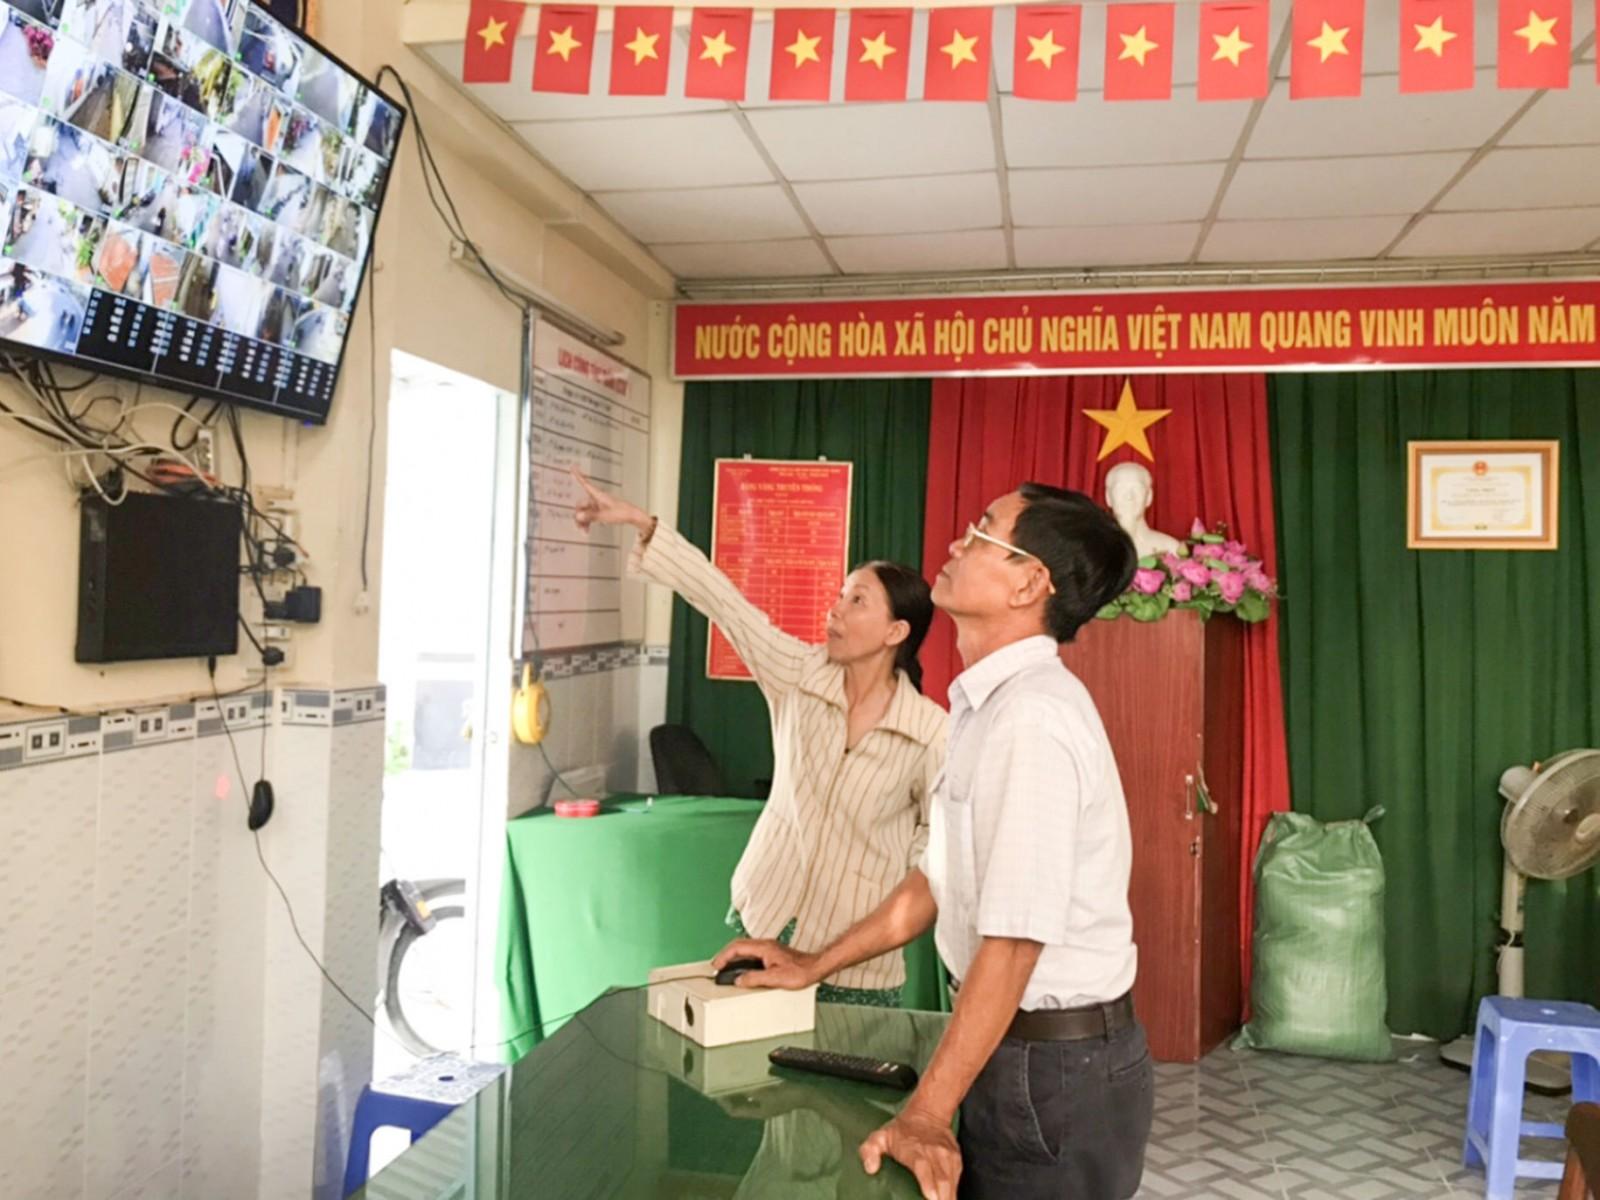 Đảng viên Đảng bộ bộ phận khu vực 4, phường Thới Bình, quận Ninh Kiều tiên phong trong đóng góp vận động xã hội hóa thực hiện mô hình camera do địa phương phát động. Ảnh: QUỲNH LAM